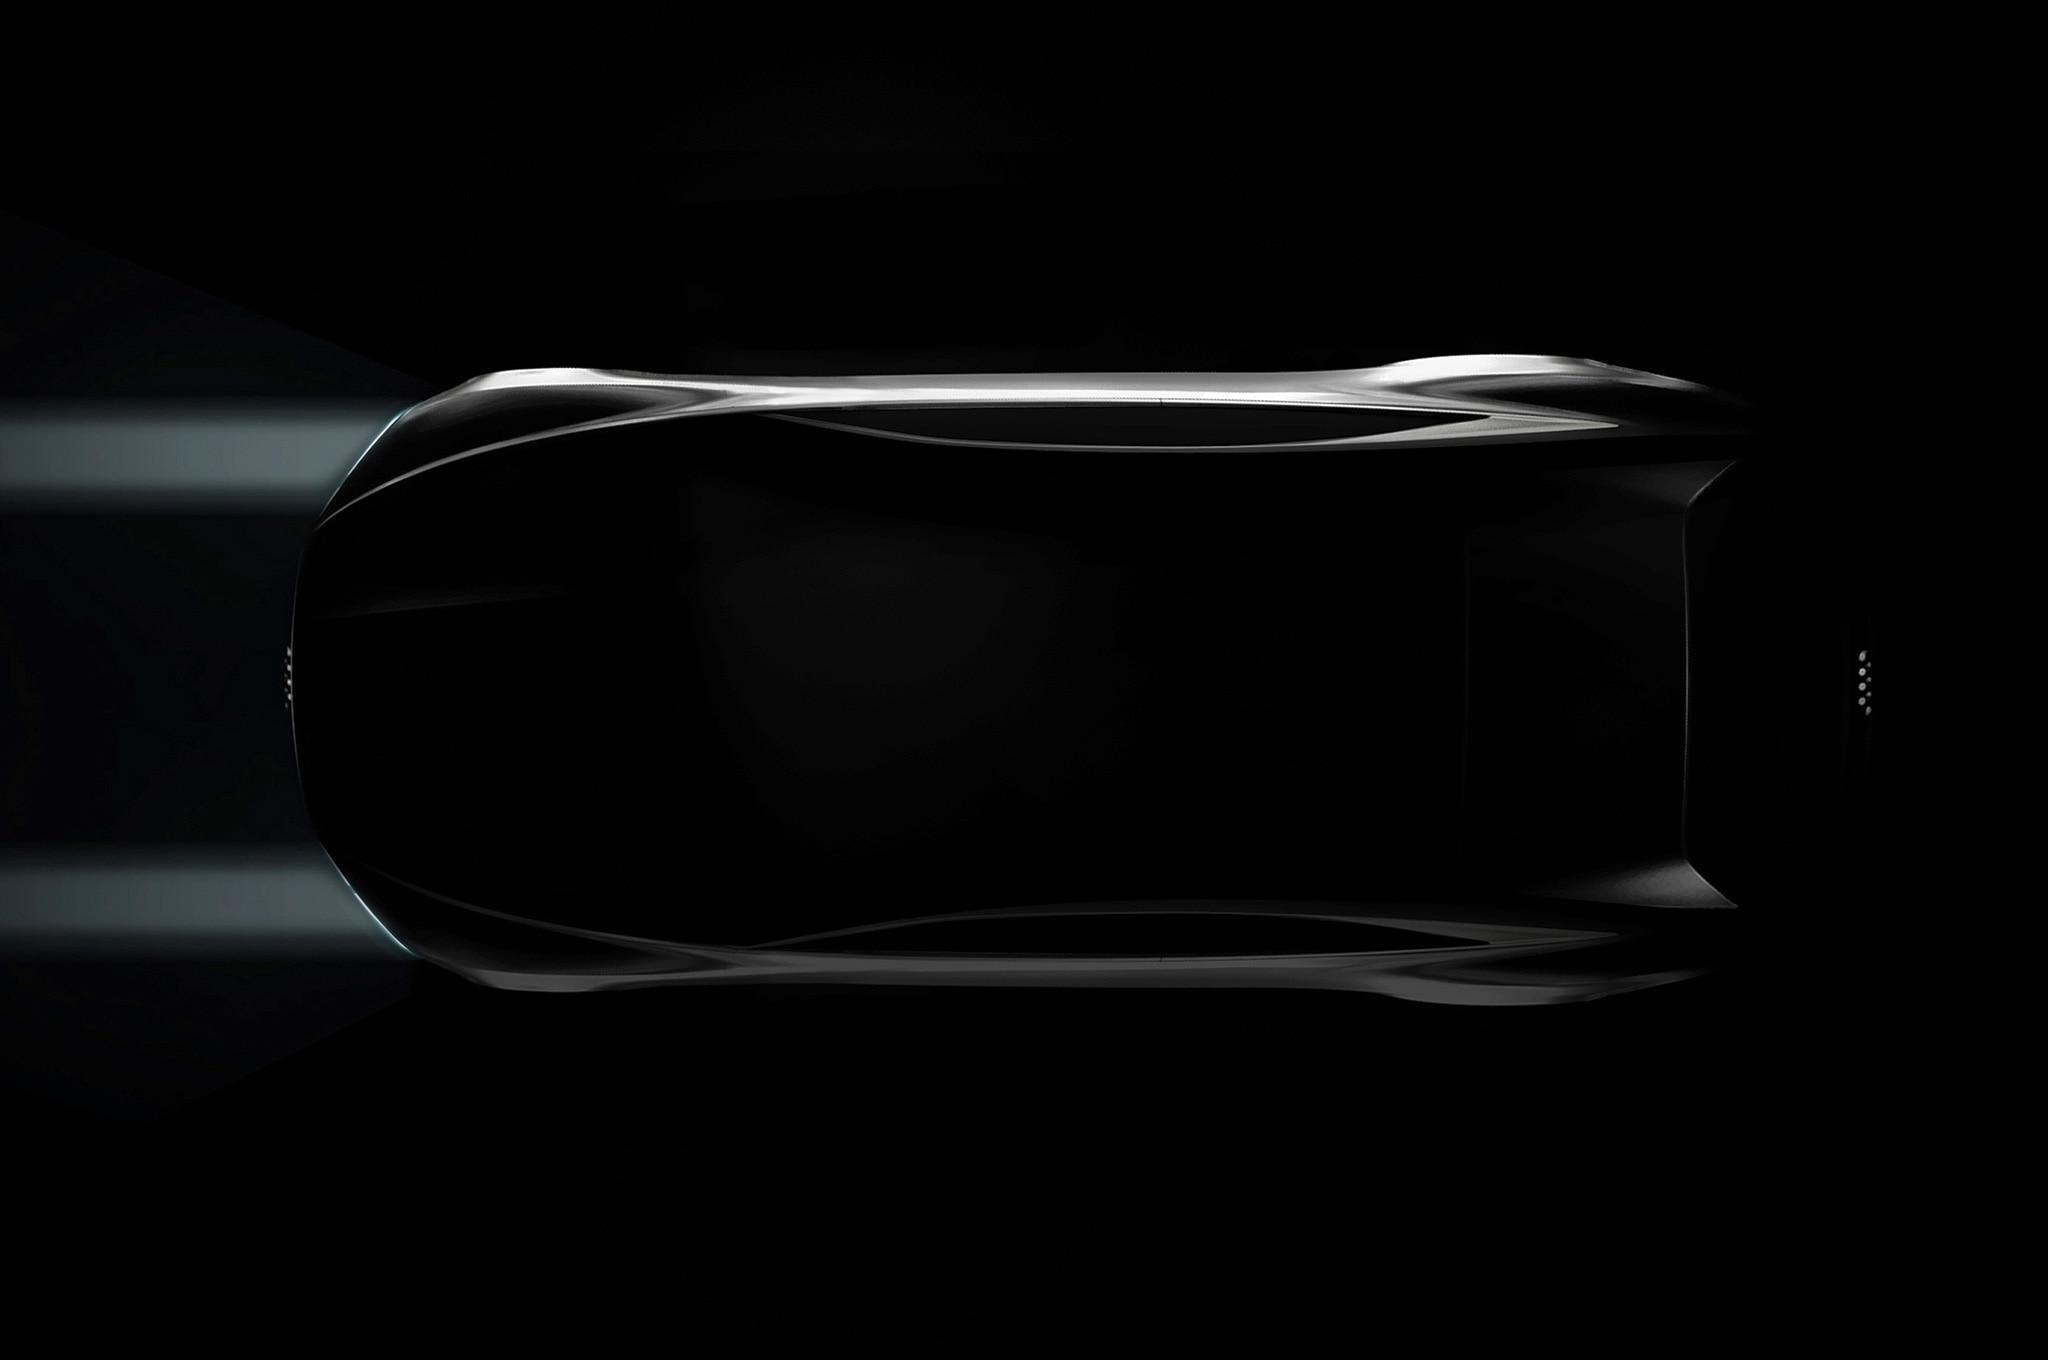 Audi 2014 LA Auto Show Concept Top View